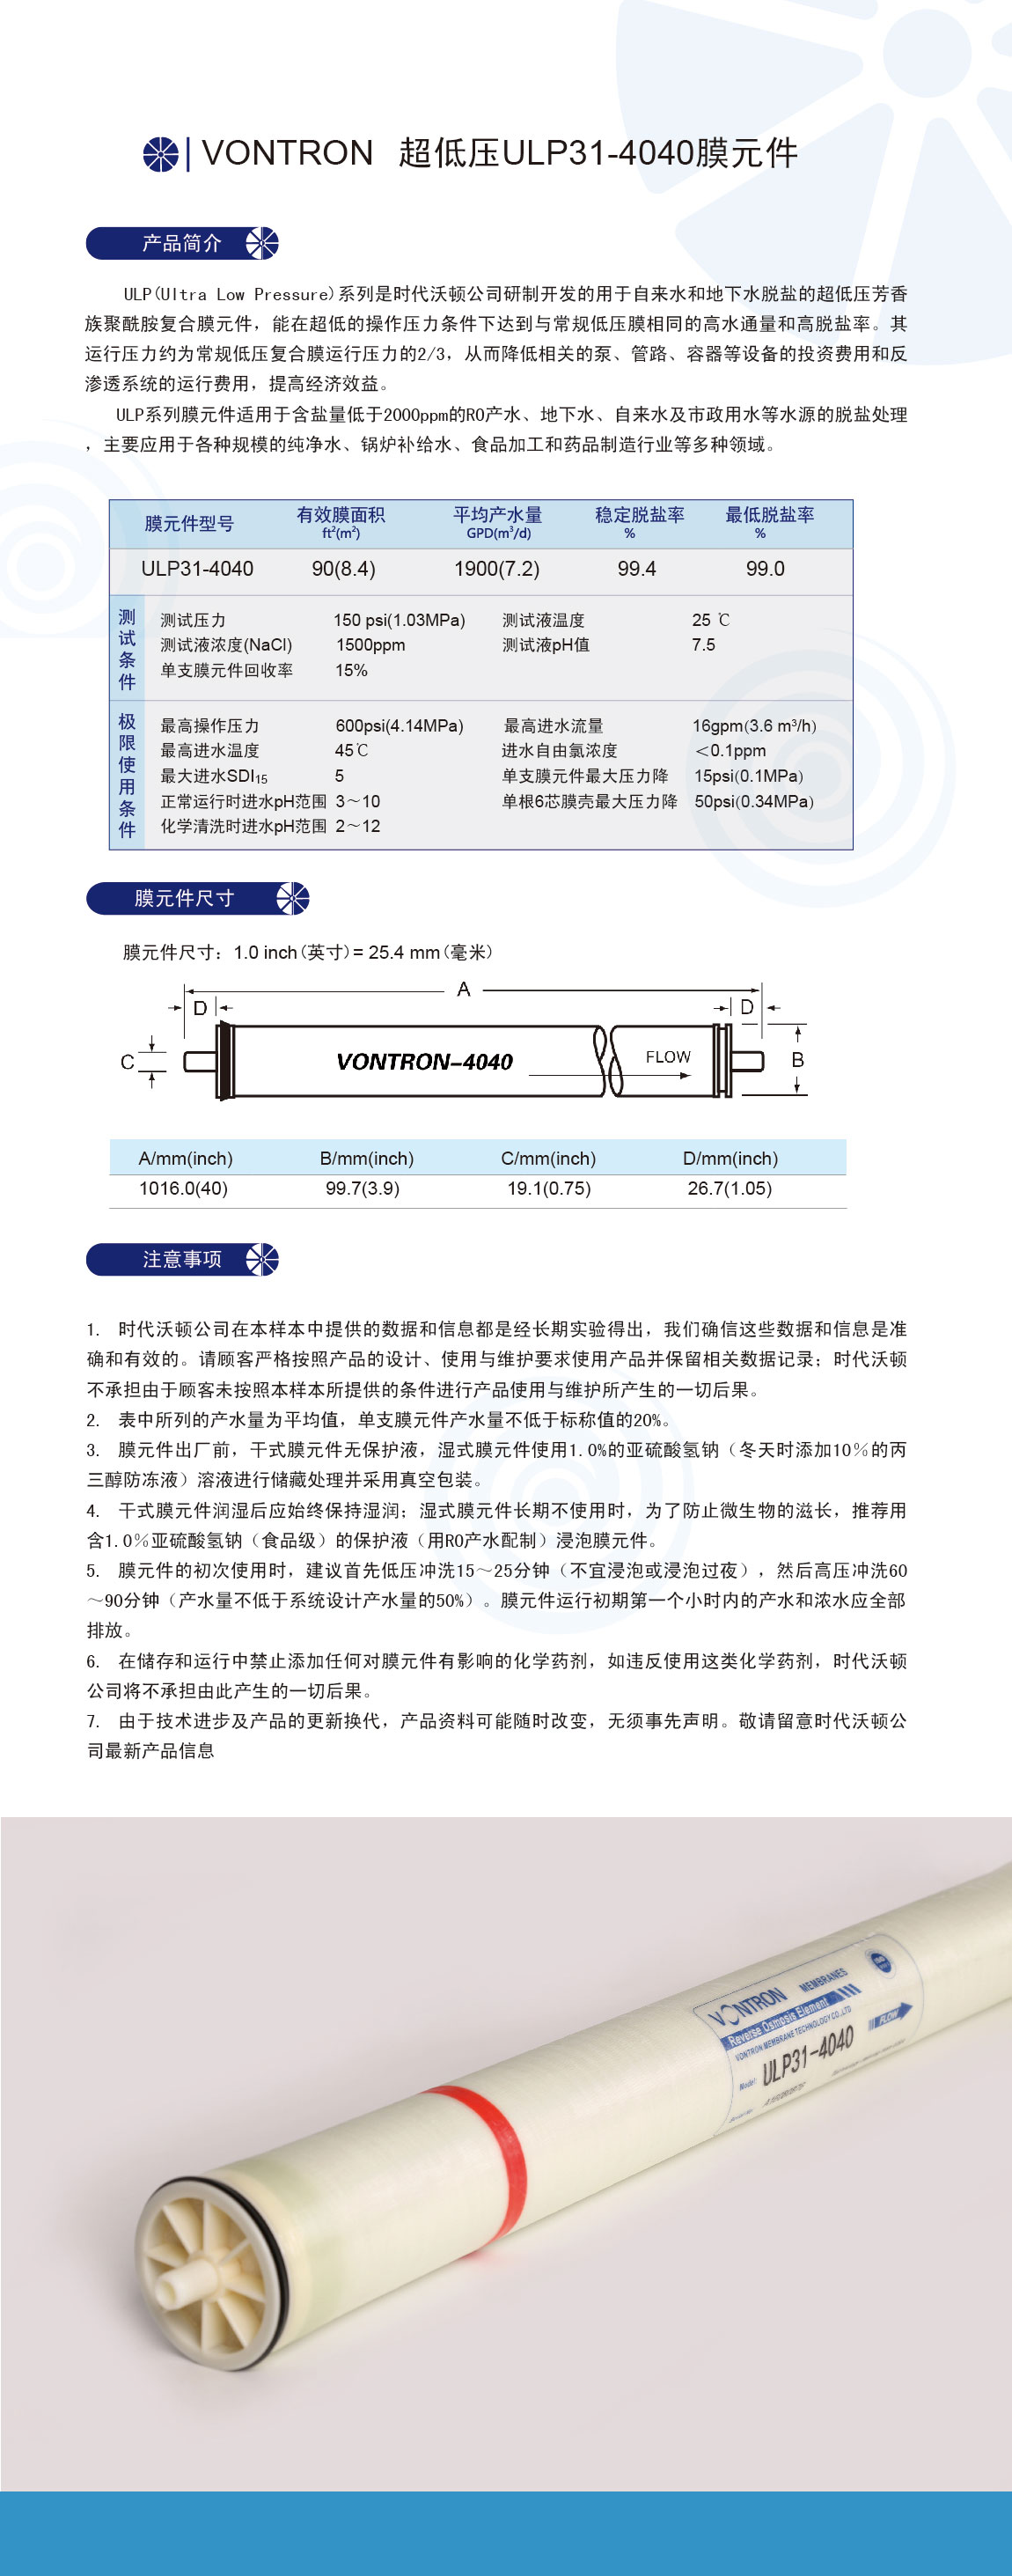 水处理配件|水处理配件批发|GF仪表|反渗透膜|水处理配件厂家